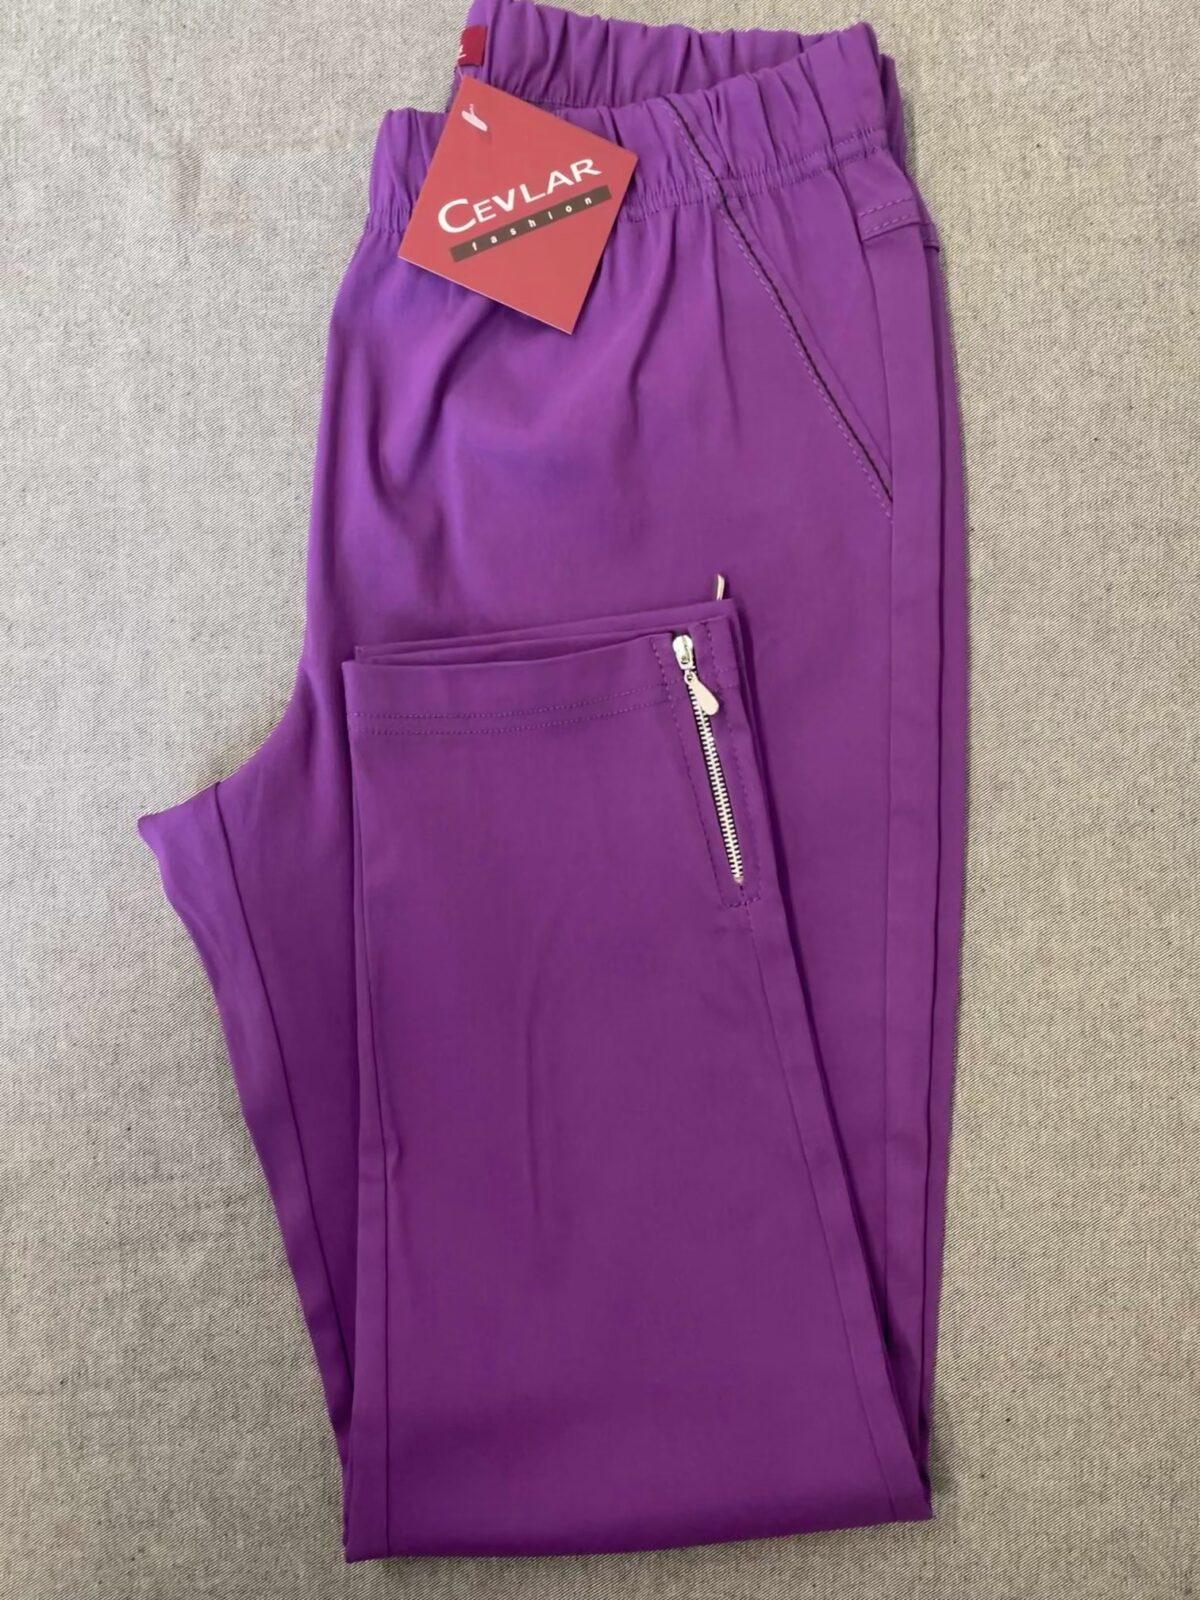 Spodnie z bengaliny Cevlar B04 kolor śliwkowy, plus size XXL